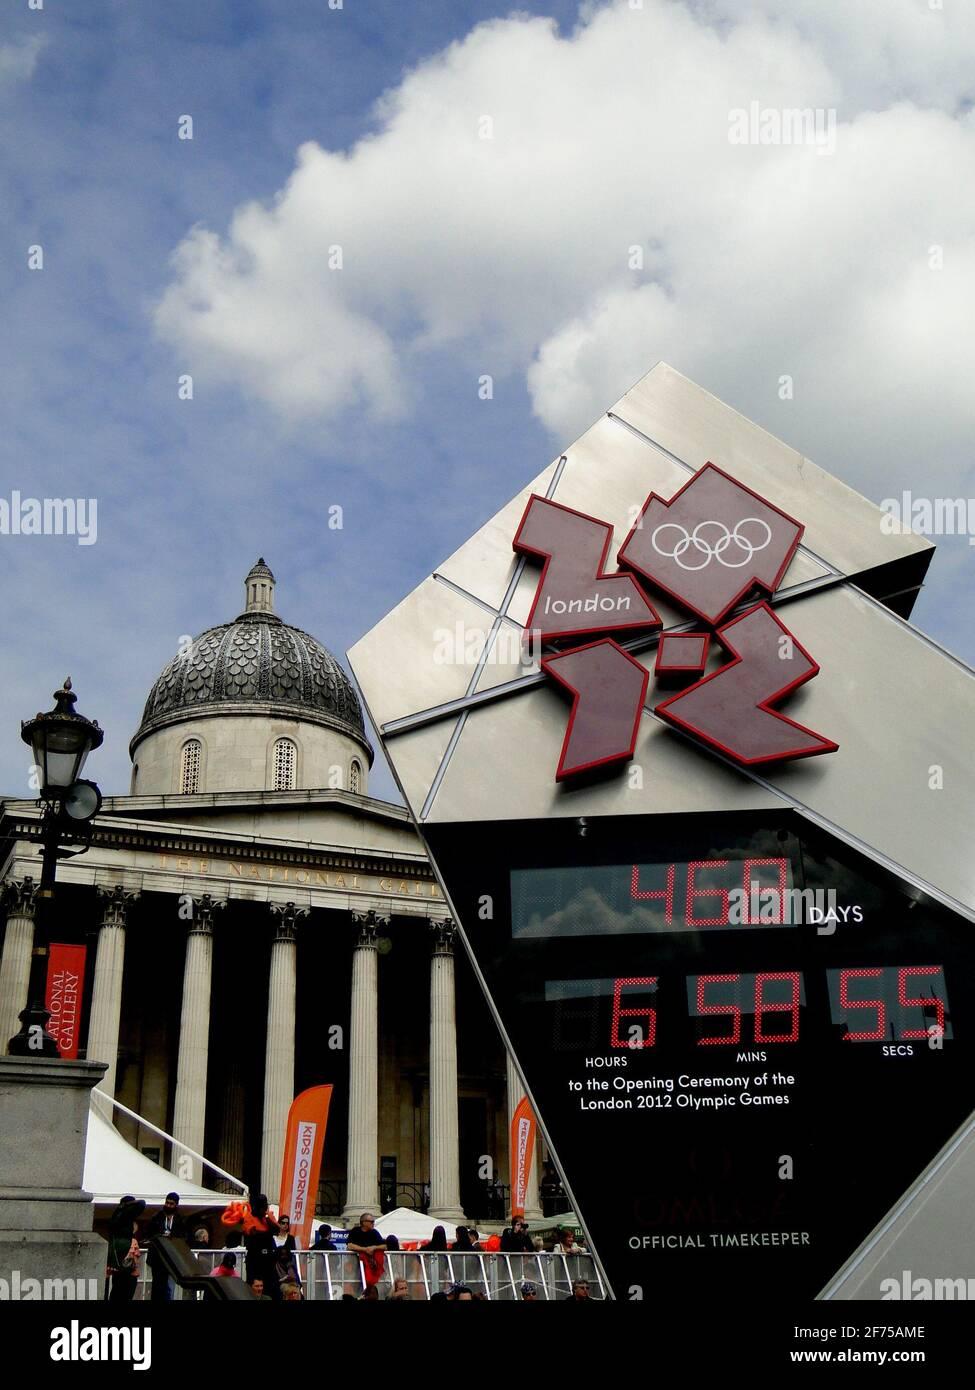 Logo montres des Jeux Olympiques de Londres mis en place sur la place Trafalgar à Londres, Royaume-Uni Banque D'Images